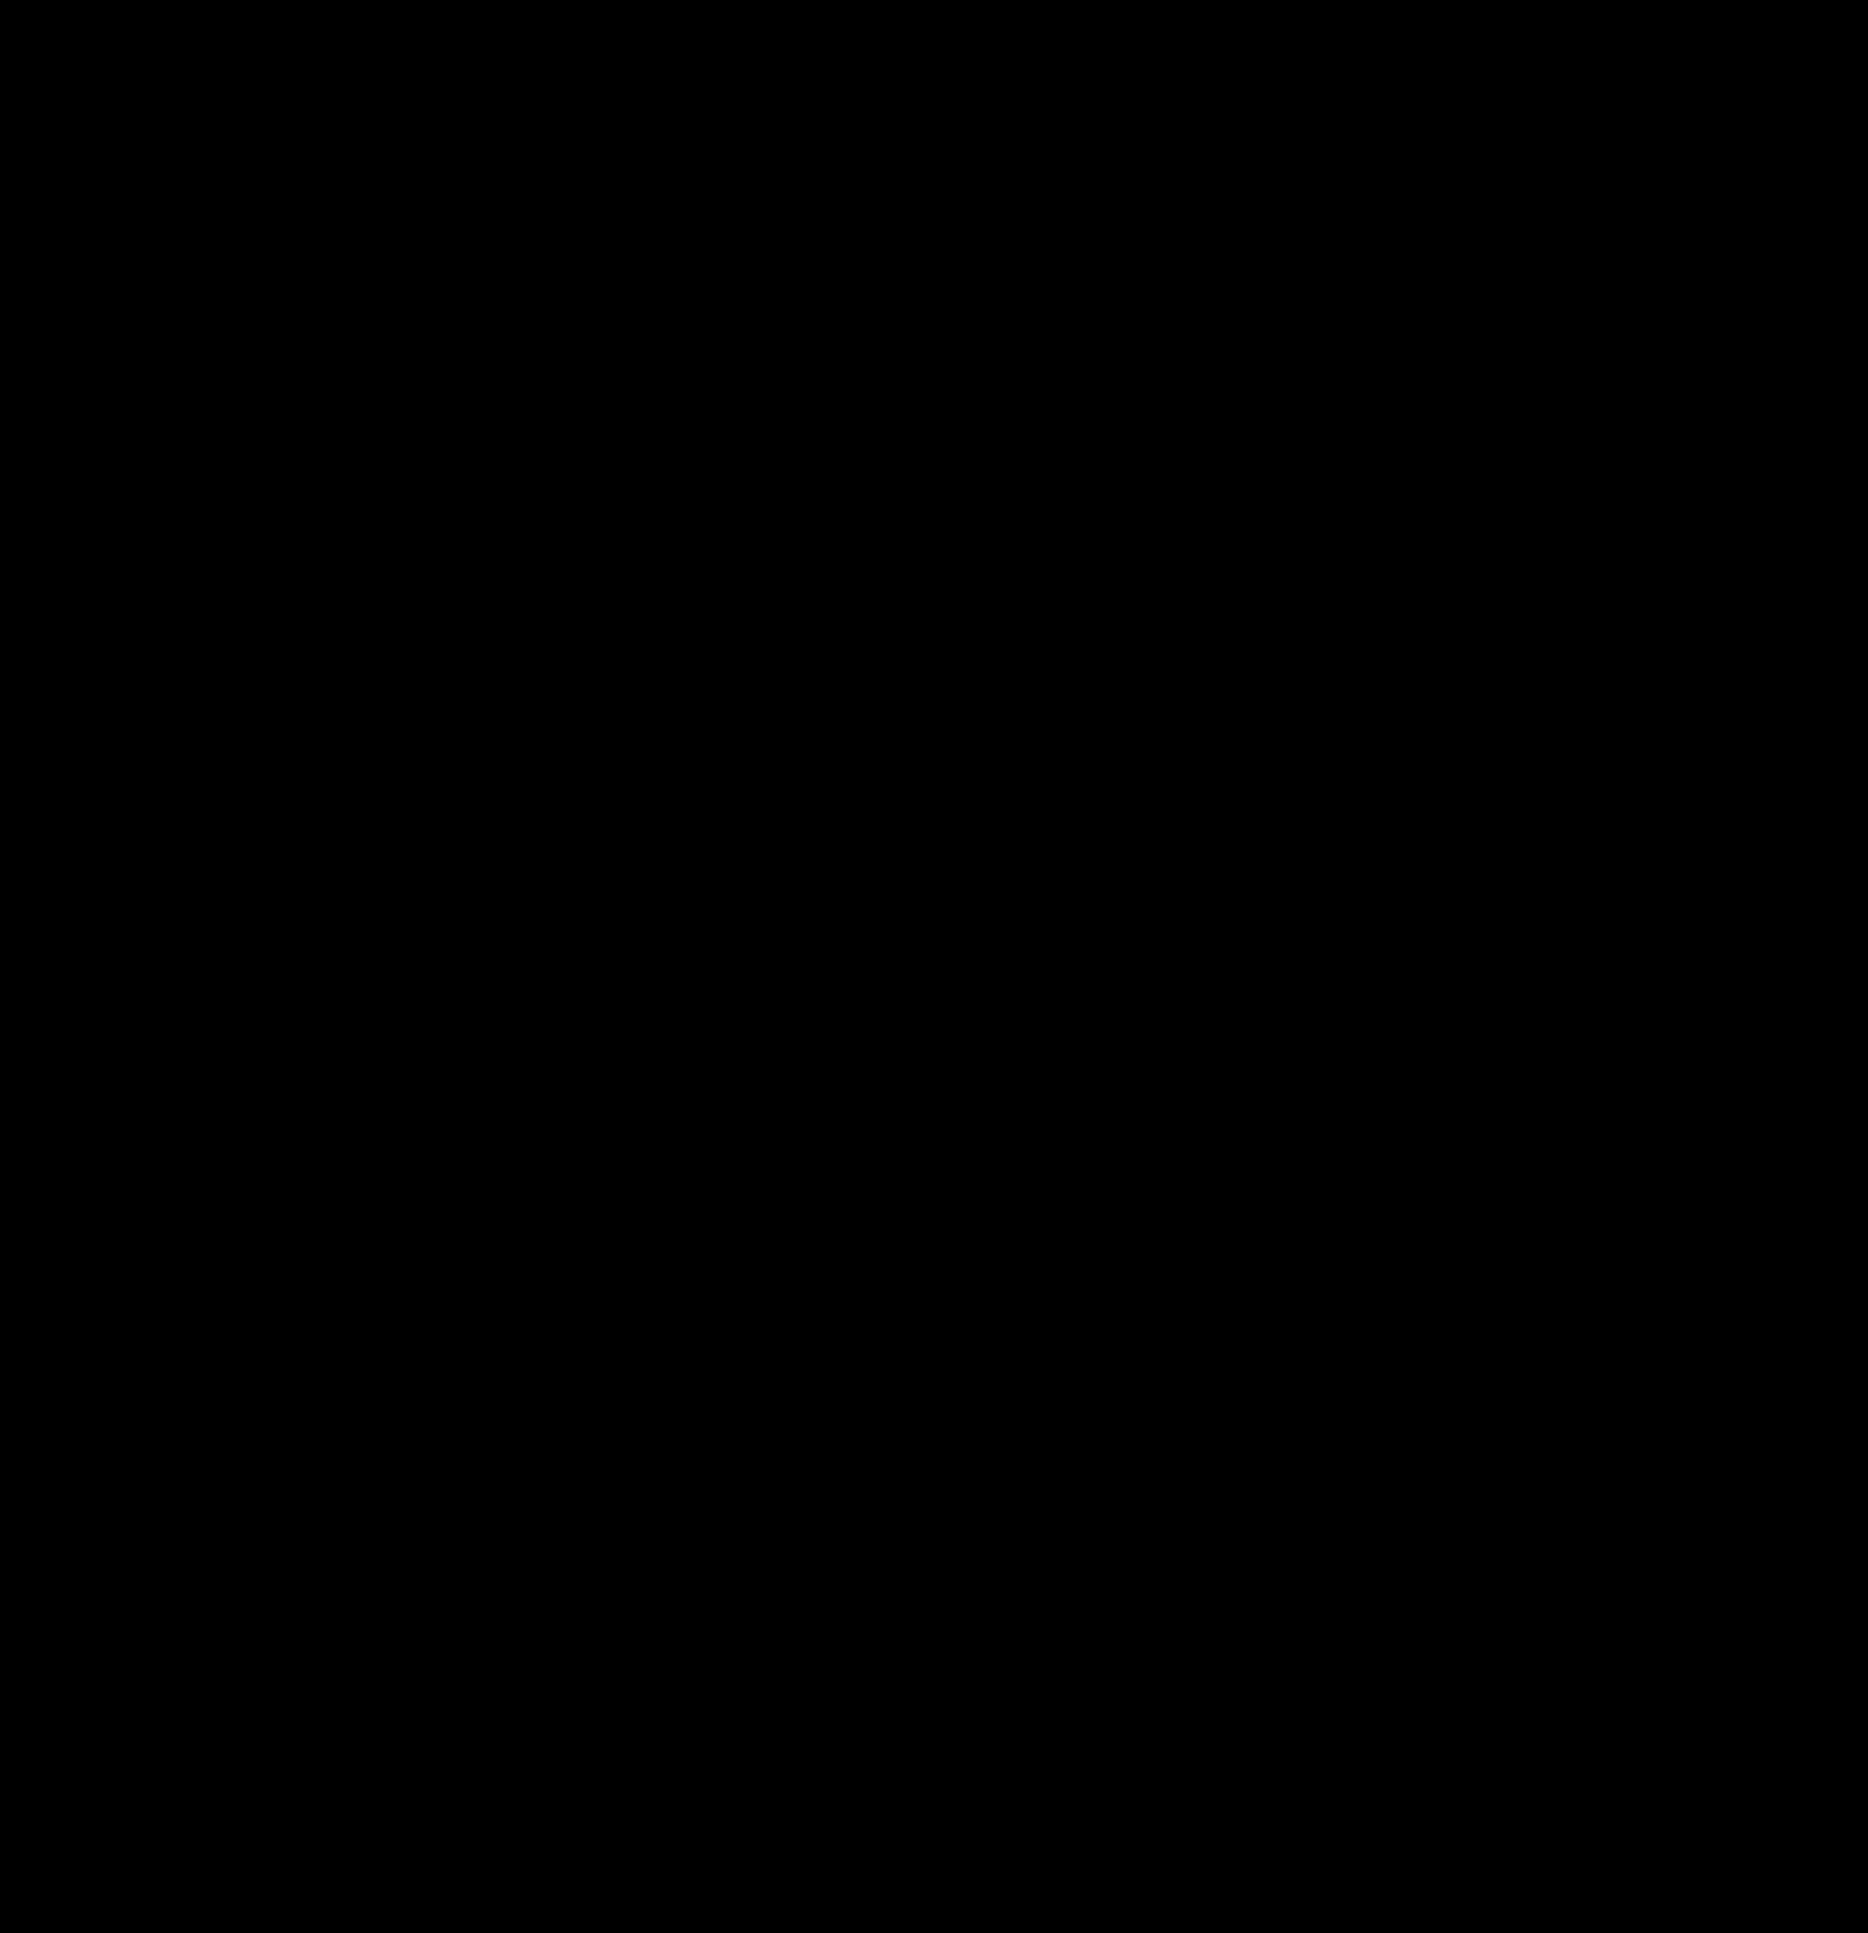 6 Grunge Pi Symbol (PNG Transparent).